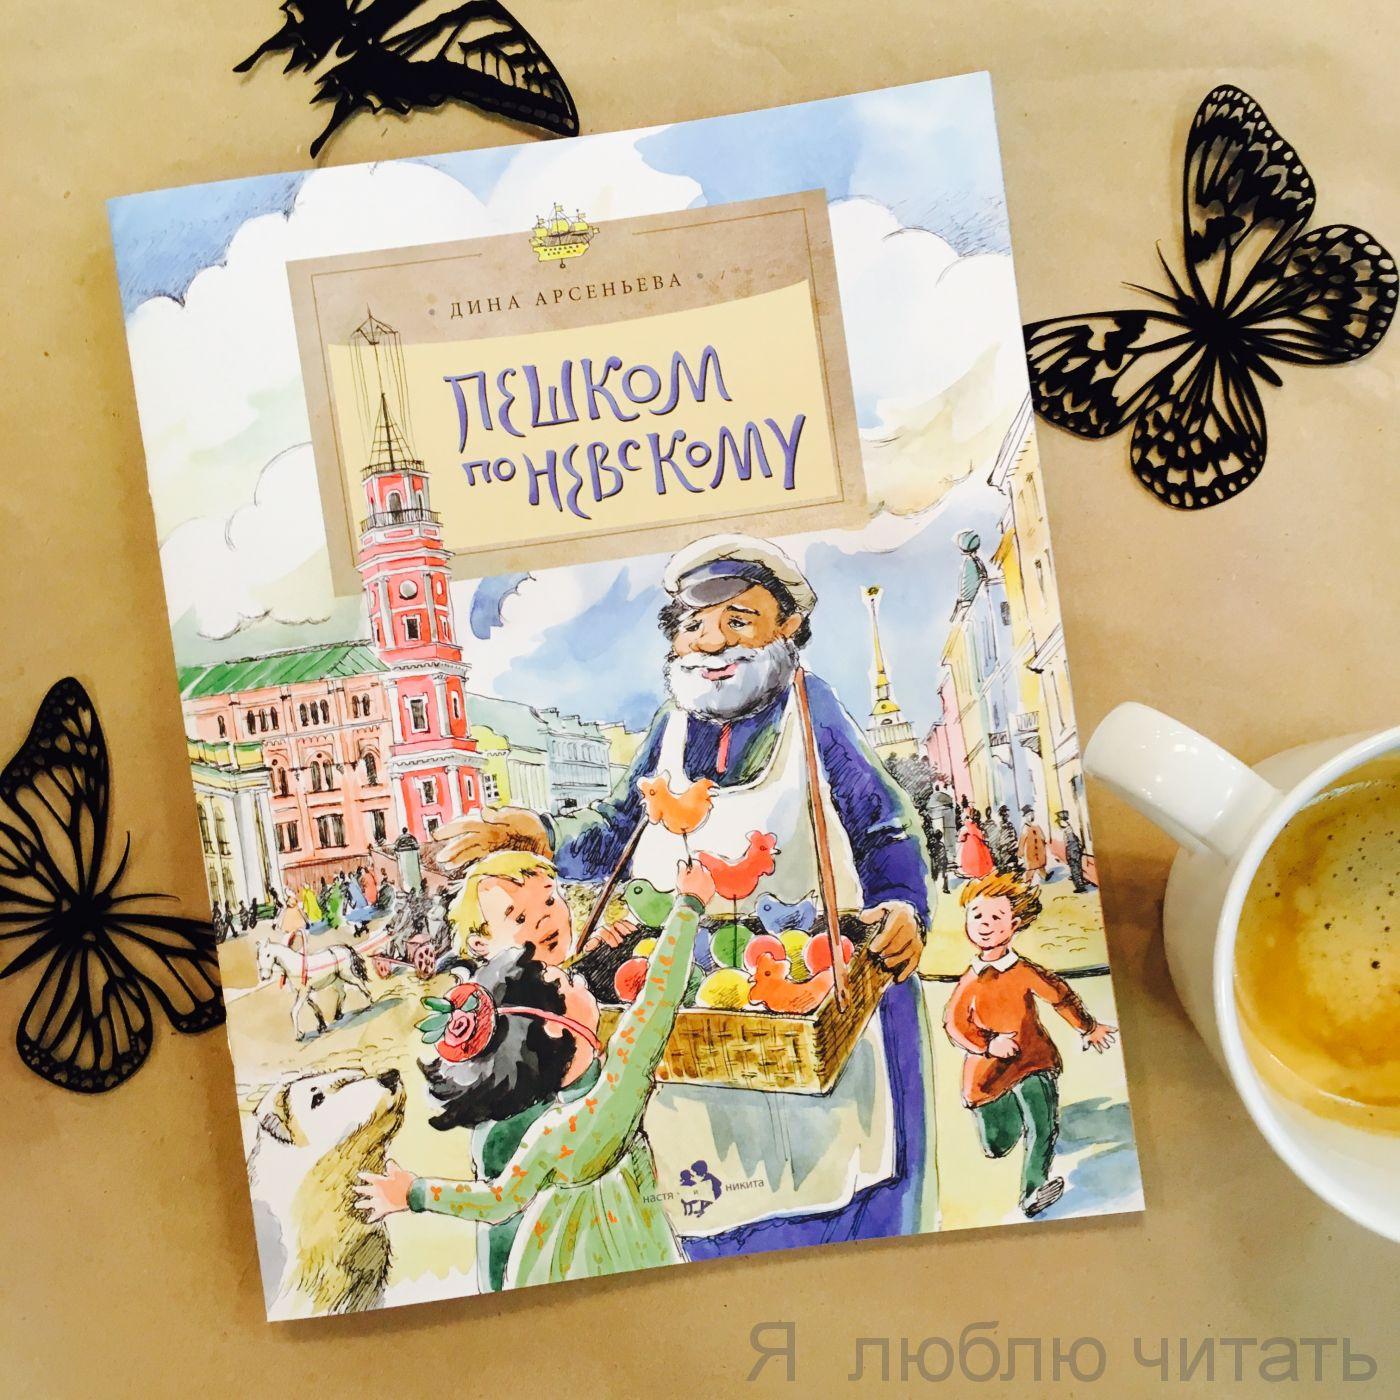 Книга «Пешком по Невскому»